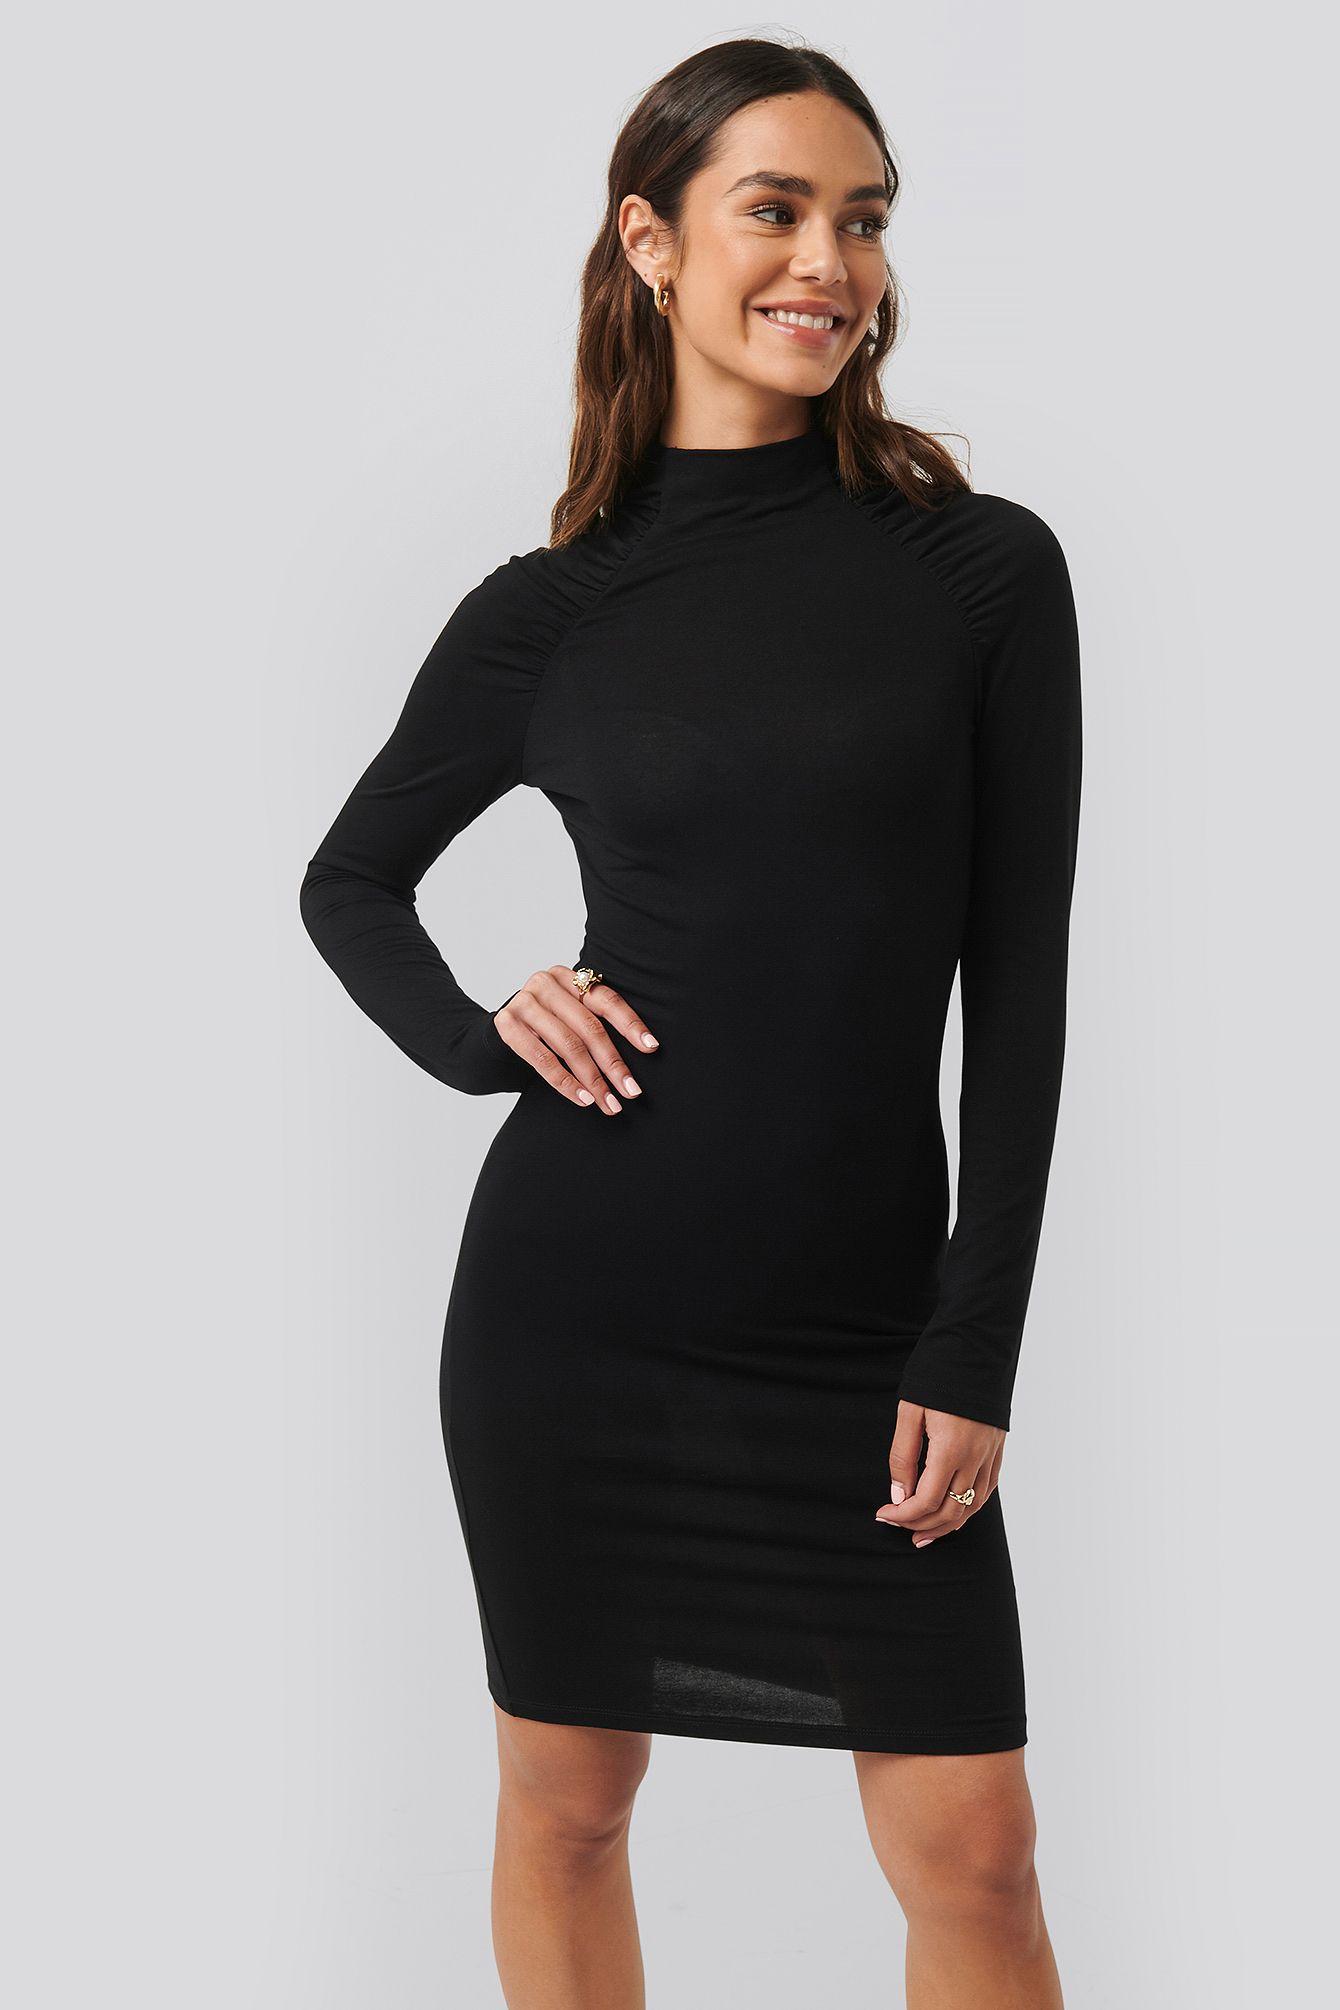 ruched raglan sleeve dress schwarz | hochzeitskleid eng